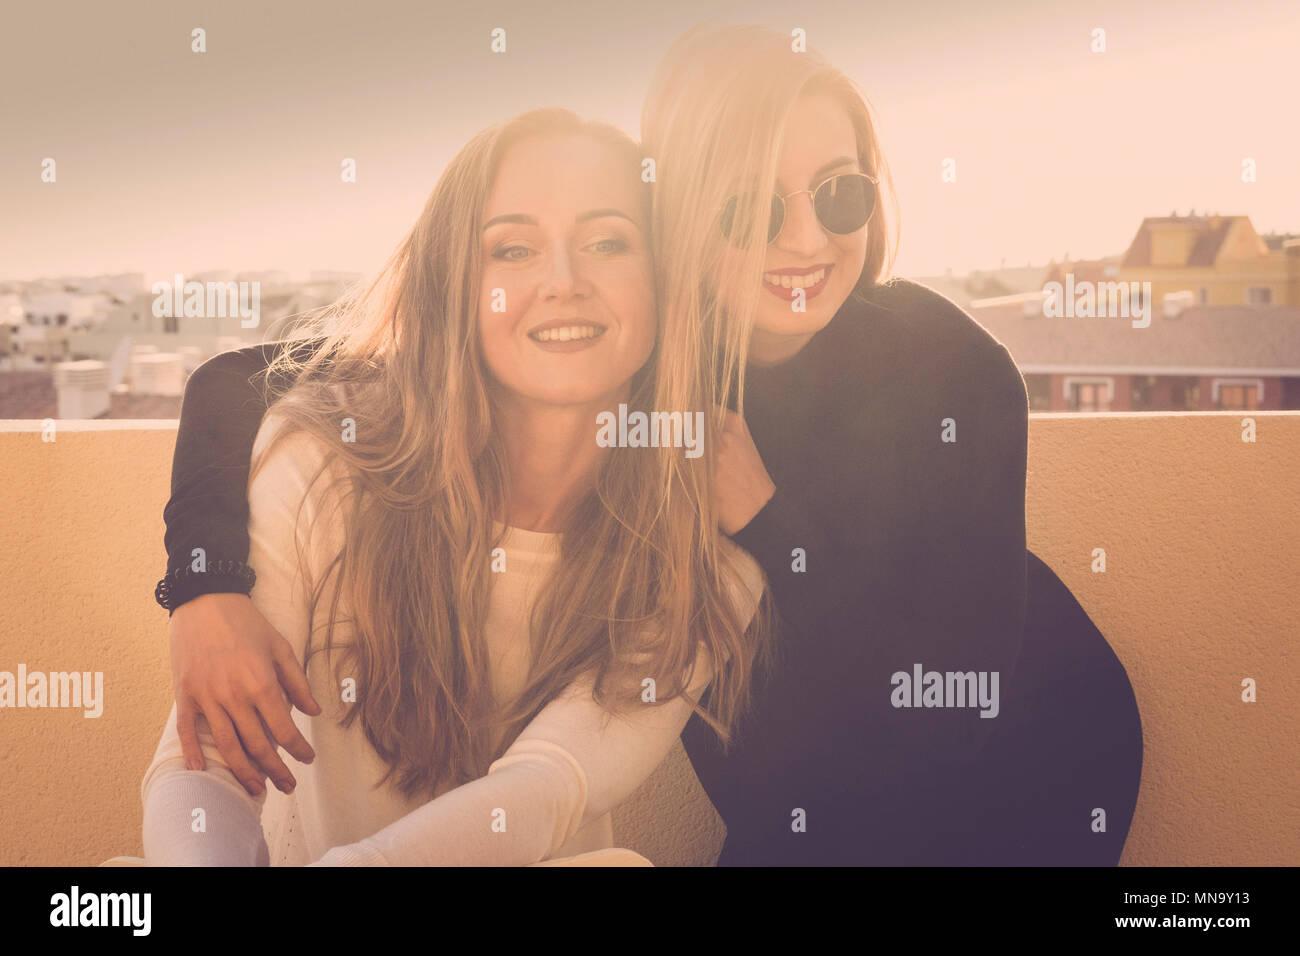 Il sorriso e divertimento per una bionda ragazze giovane all'aperto sulla terrazza roodtop. La luce del sole in controluce immagine luminosa con amicizia concetto. bellissimi modelli h Immagini Stock